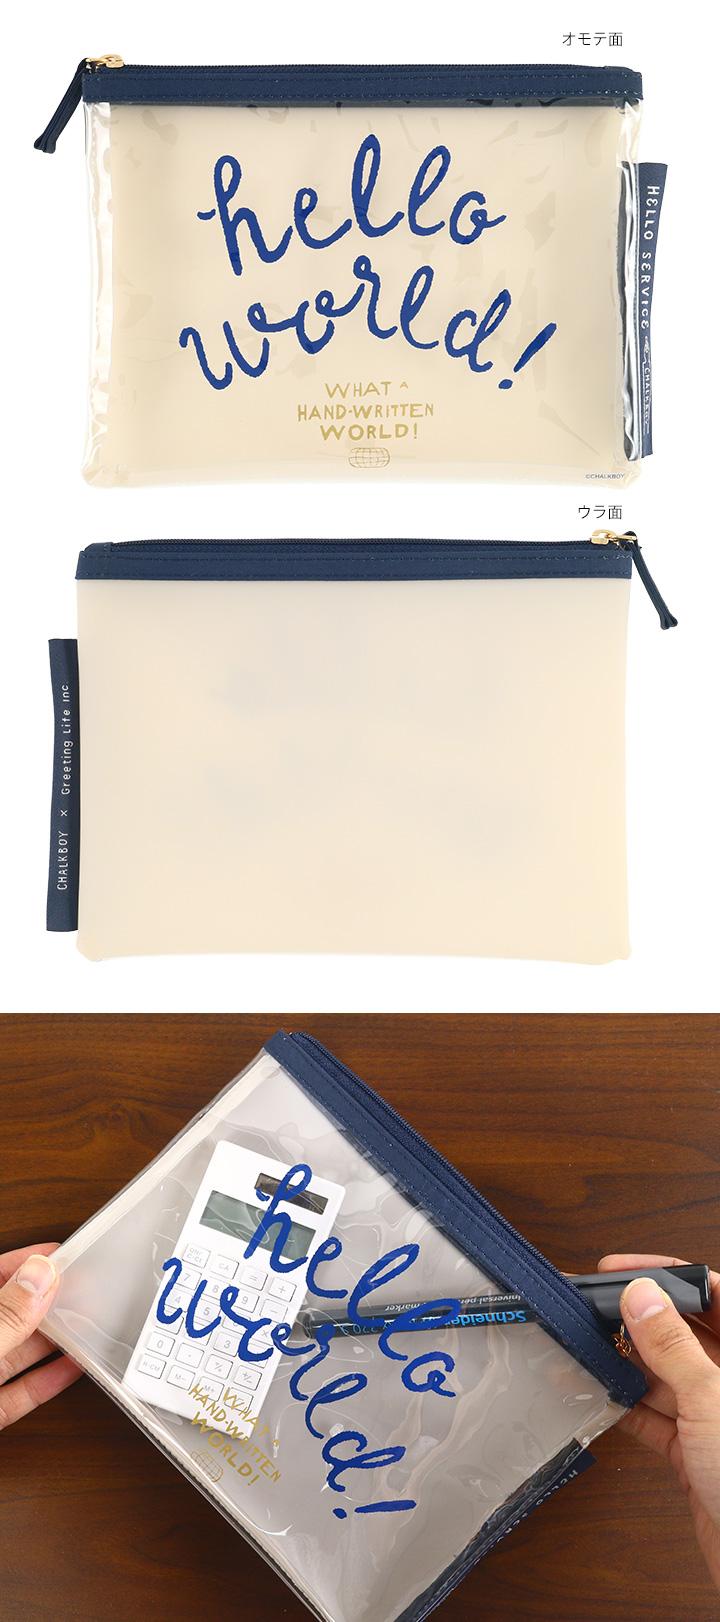 チョークボーイクリアケースM ホワイト詳細cbz-6